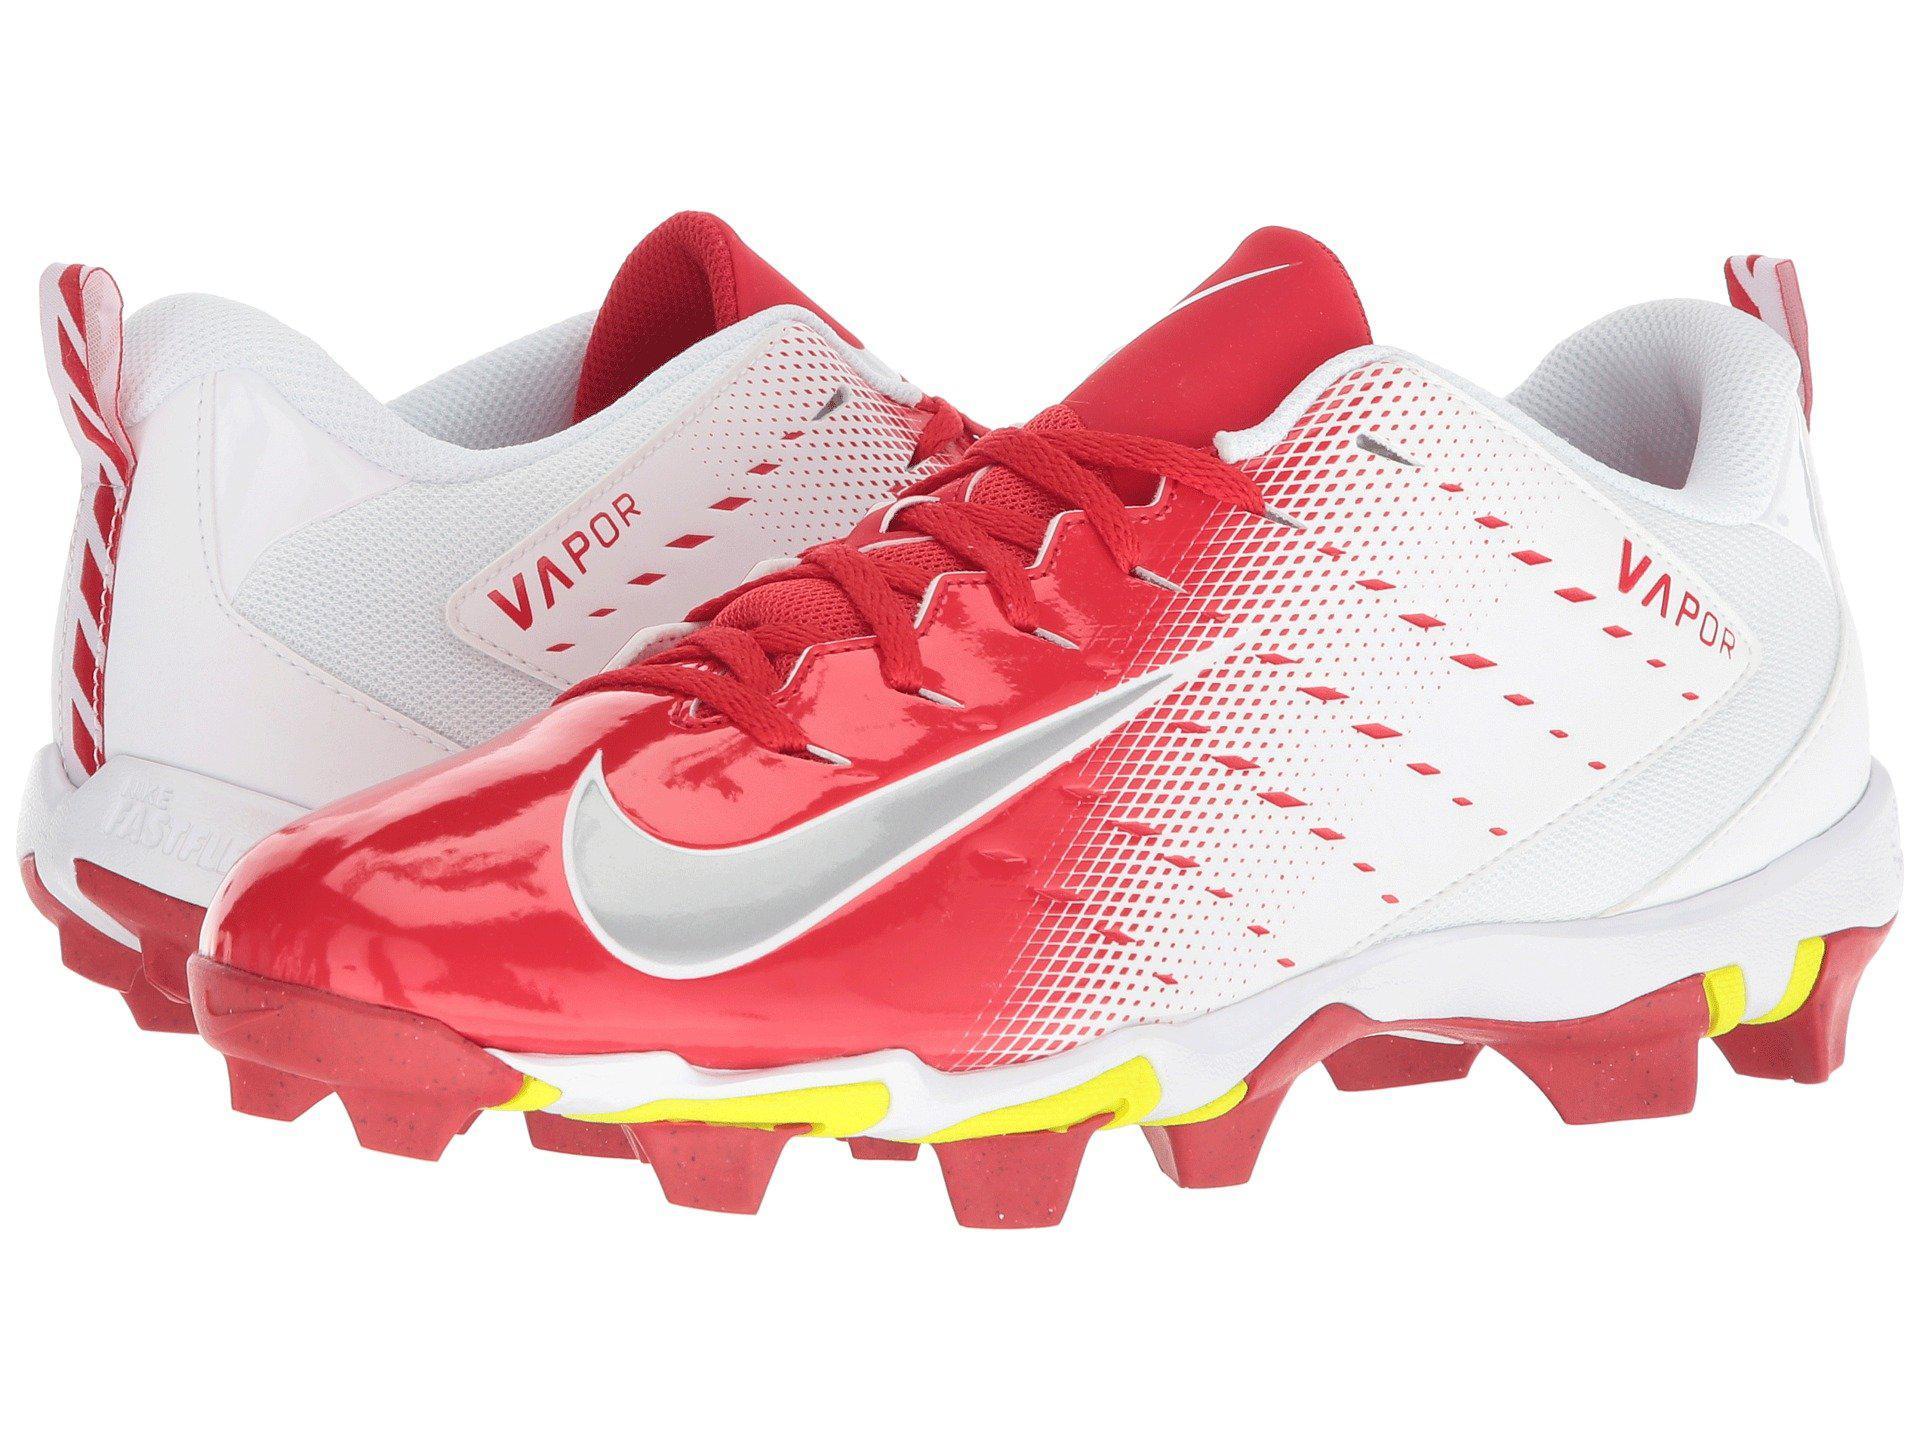 fab0b4070cd Nike Vapor Shark 3 in Red for Men - Lyst